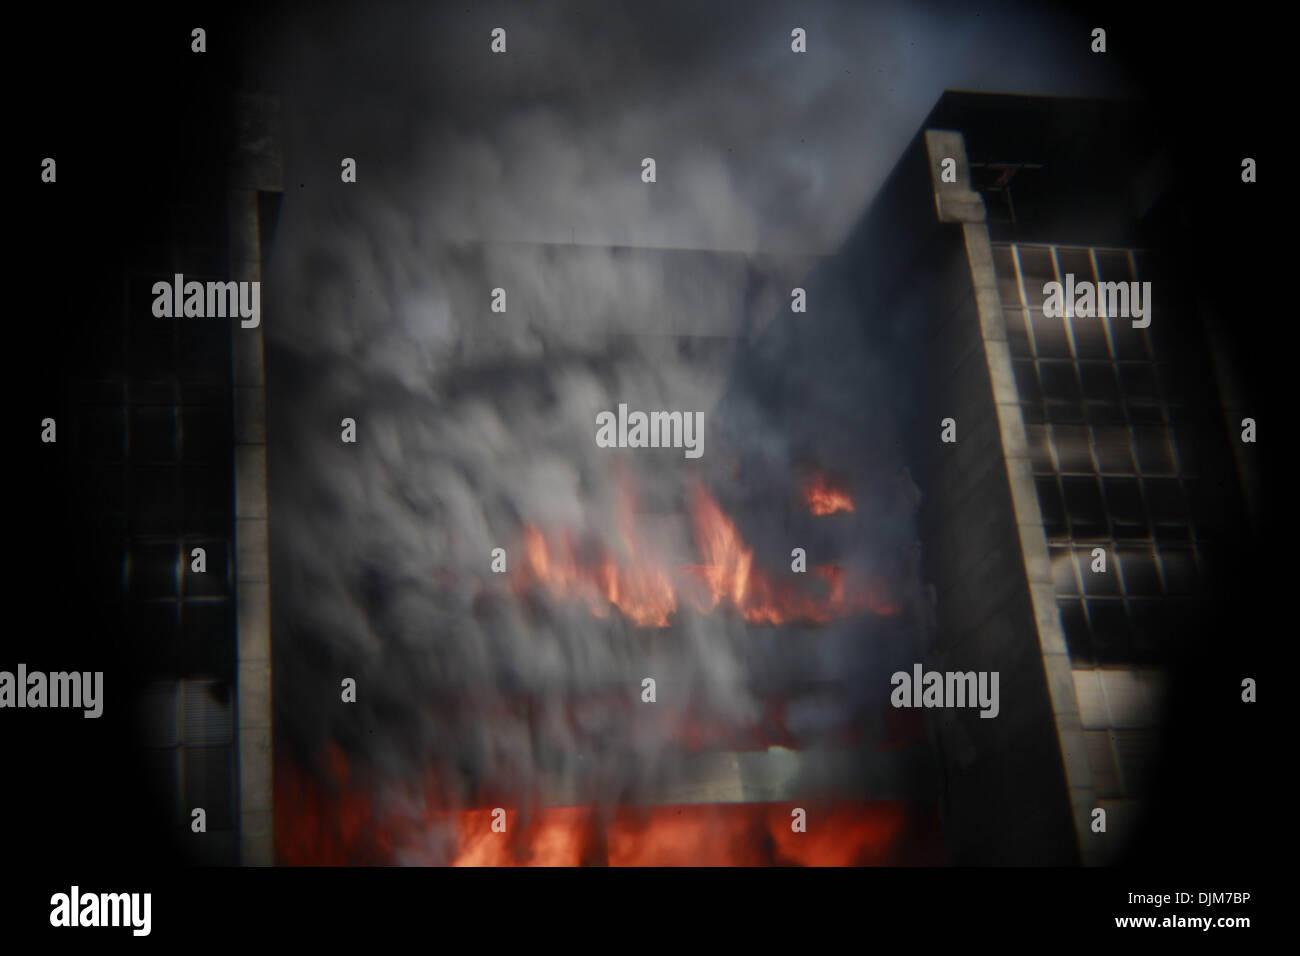 Factory Fire Bangladesh Stock Photos & Factory Fire Bangladesh Stock